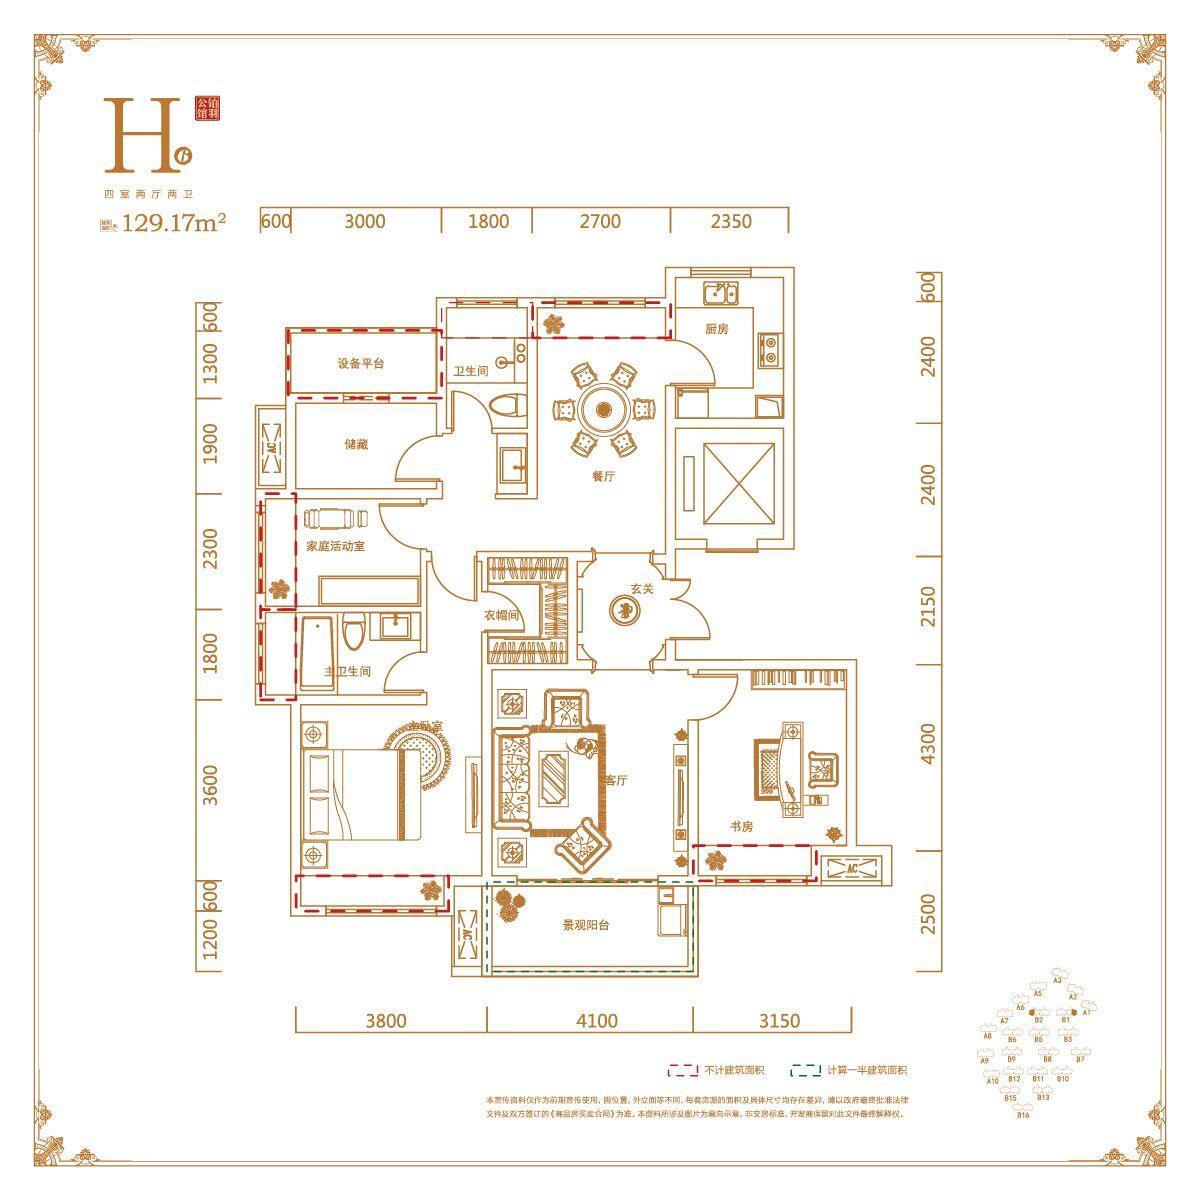 丽丰·铂羽公馆_4室2厅2卫1厨